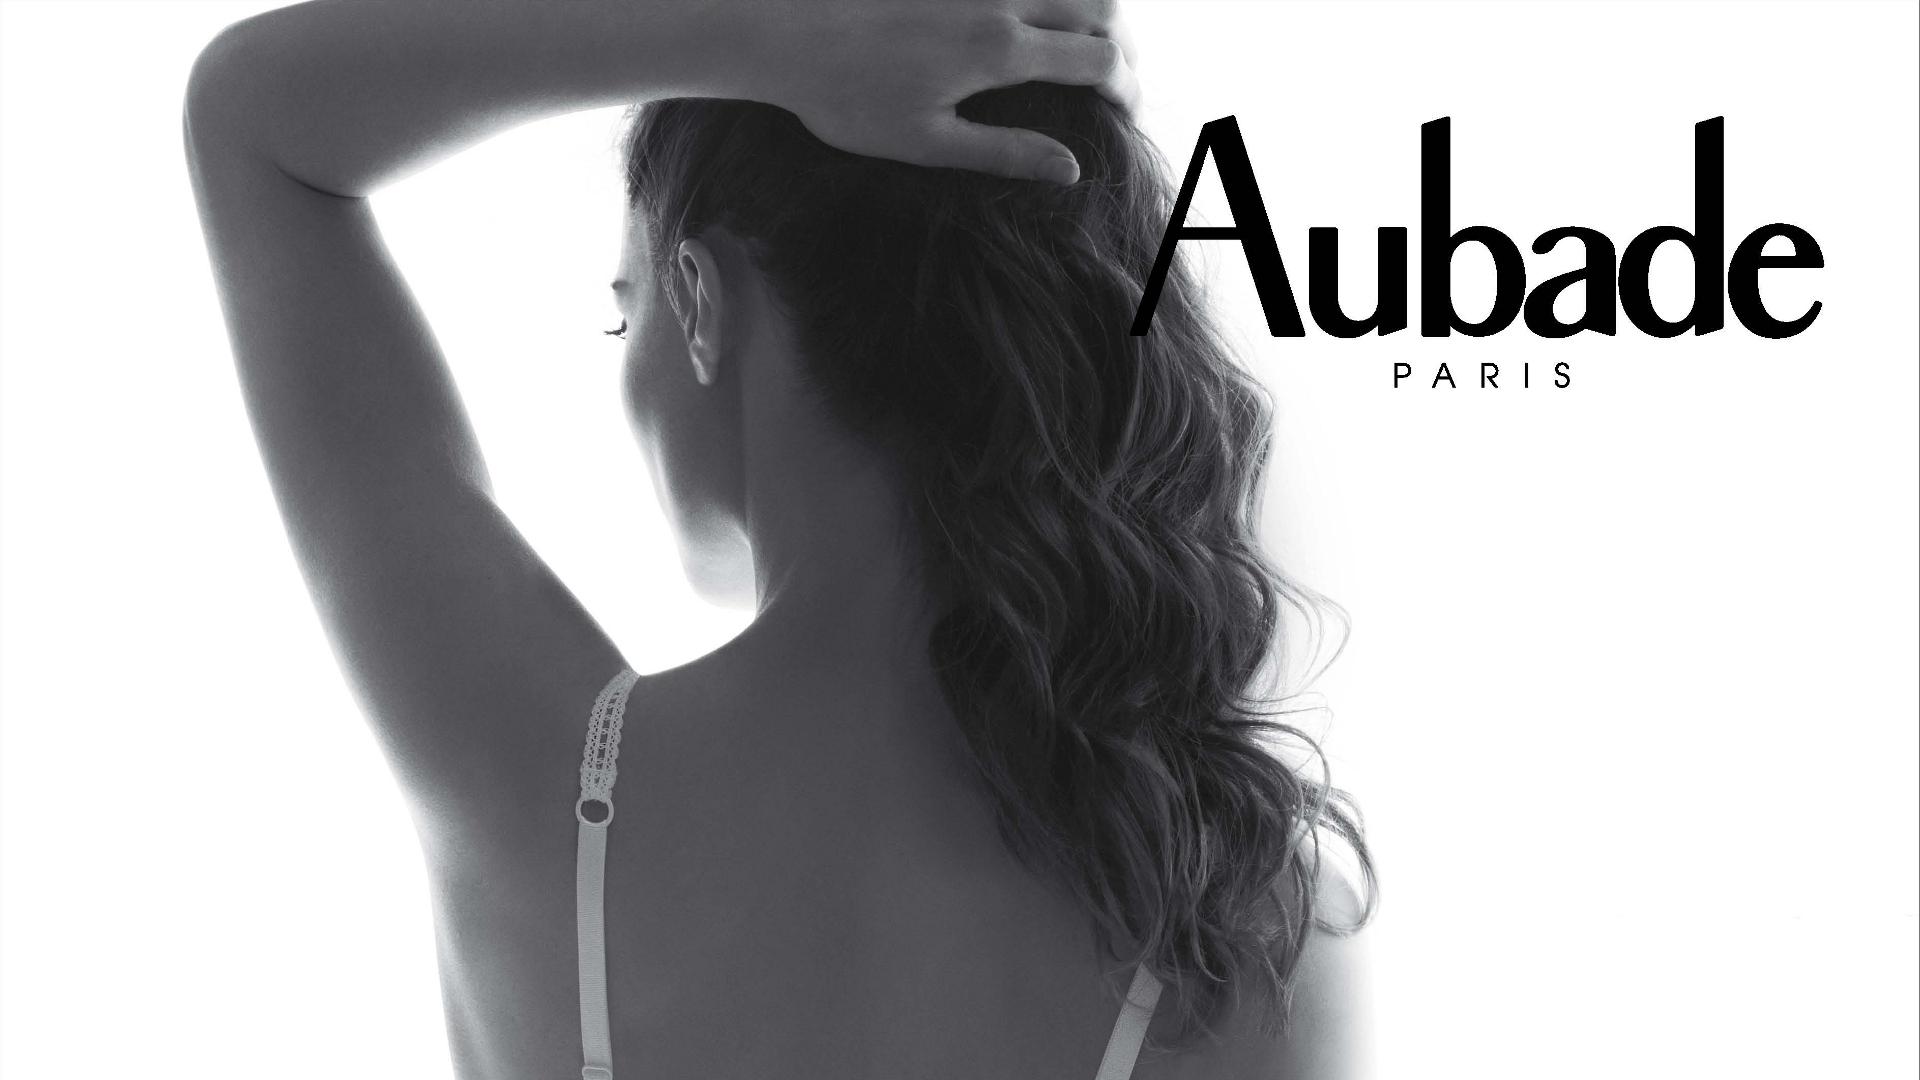 aubade images aubade 2011 lingerie de paris hd wallpaper